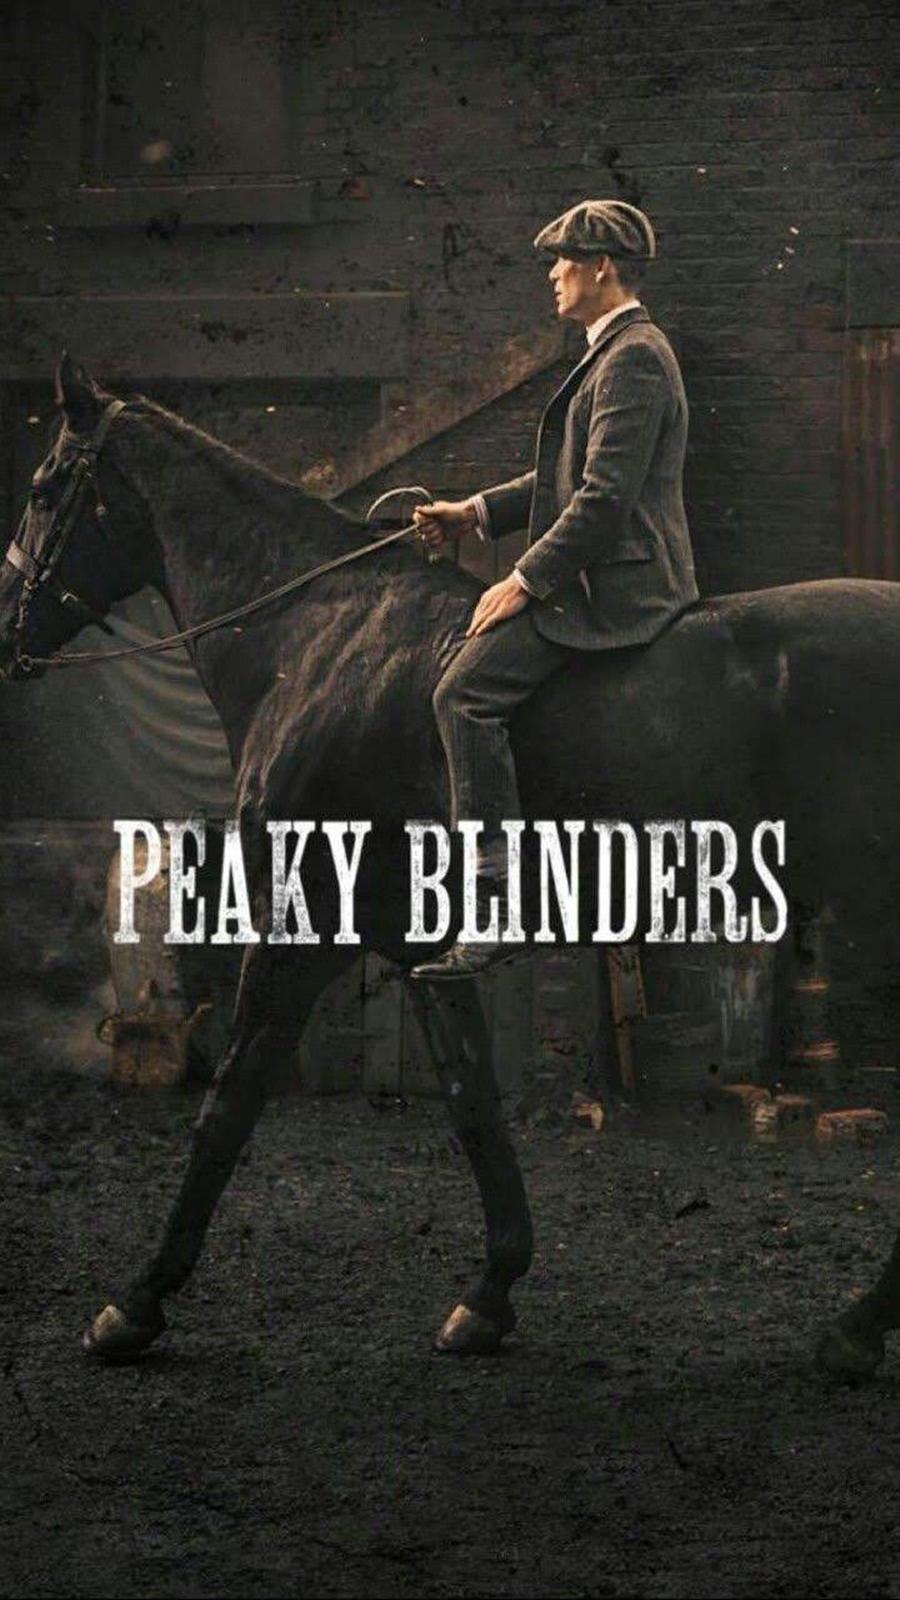 Peaky Blinders Series Wallpapers Free Download